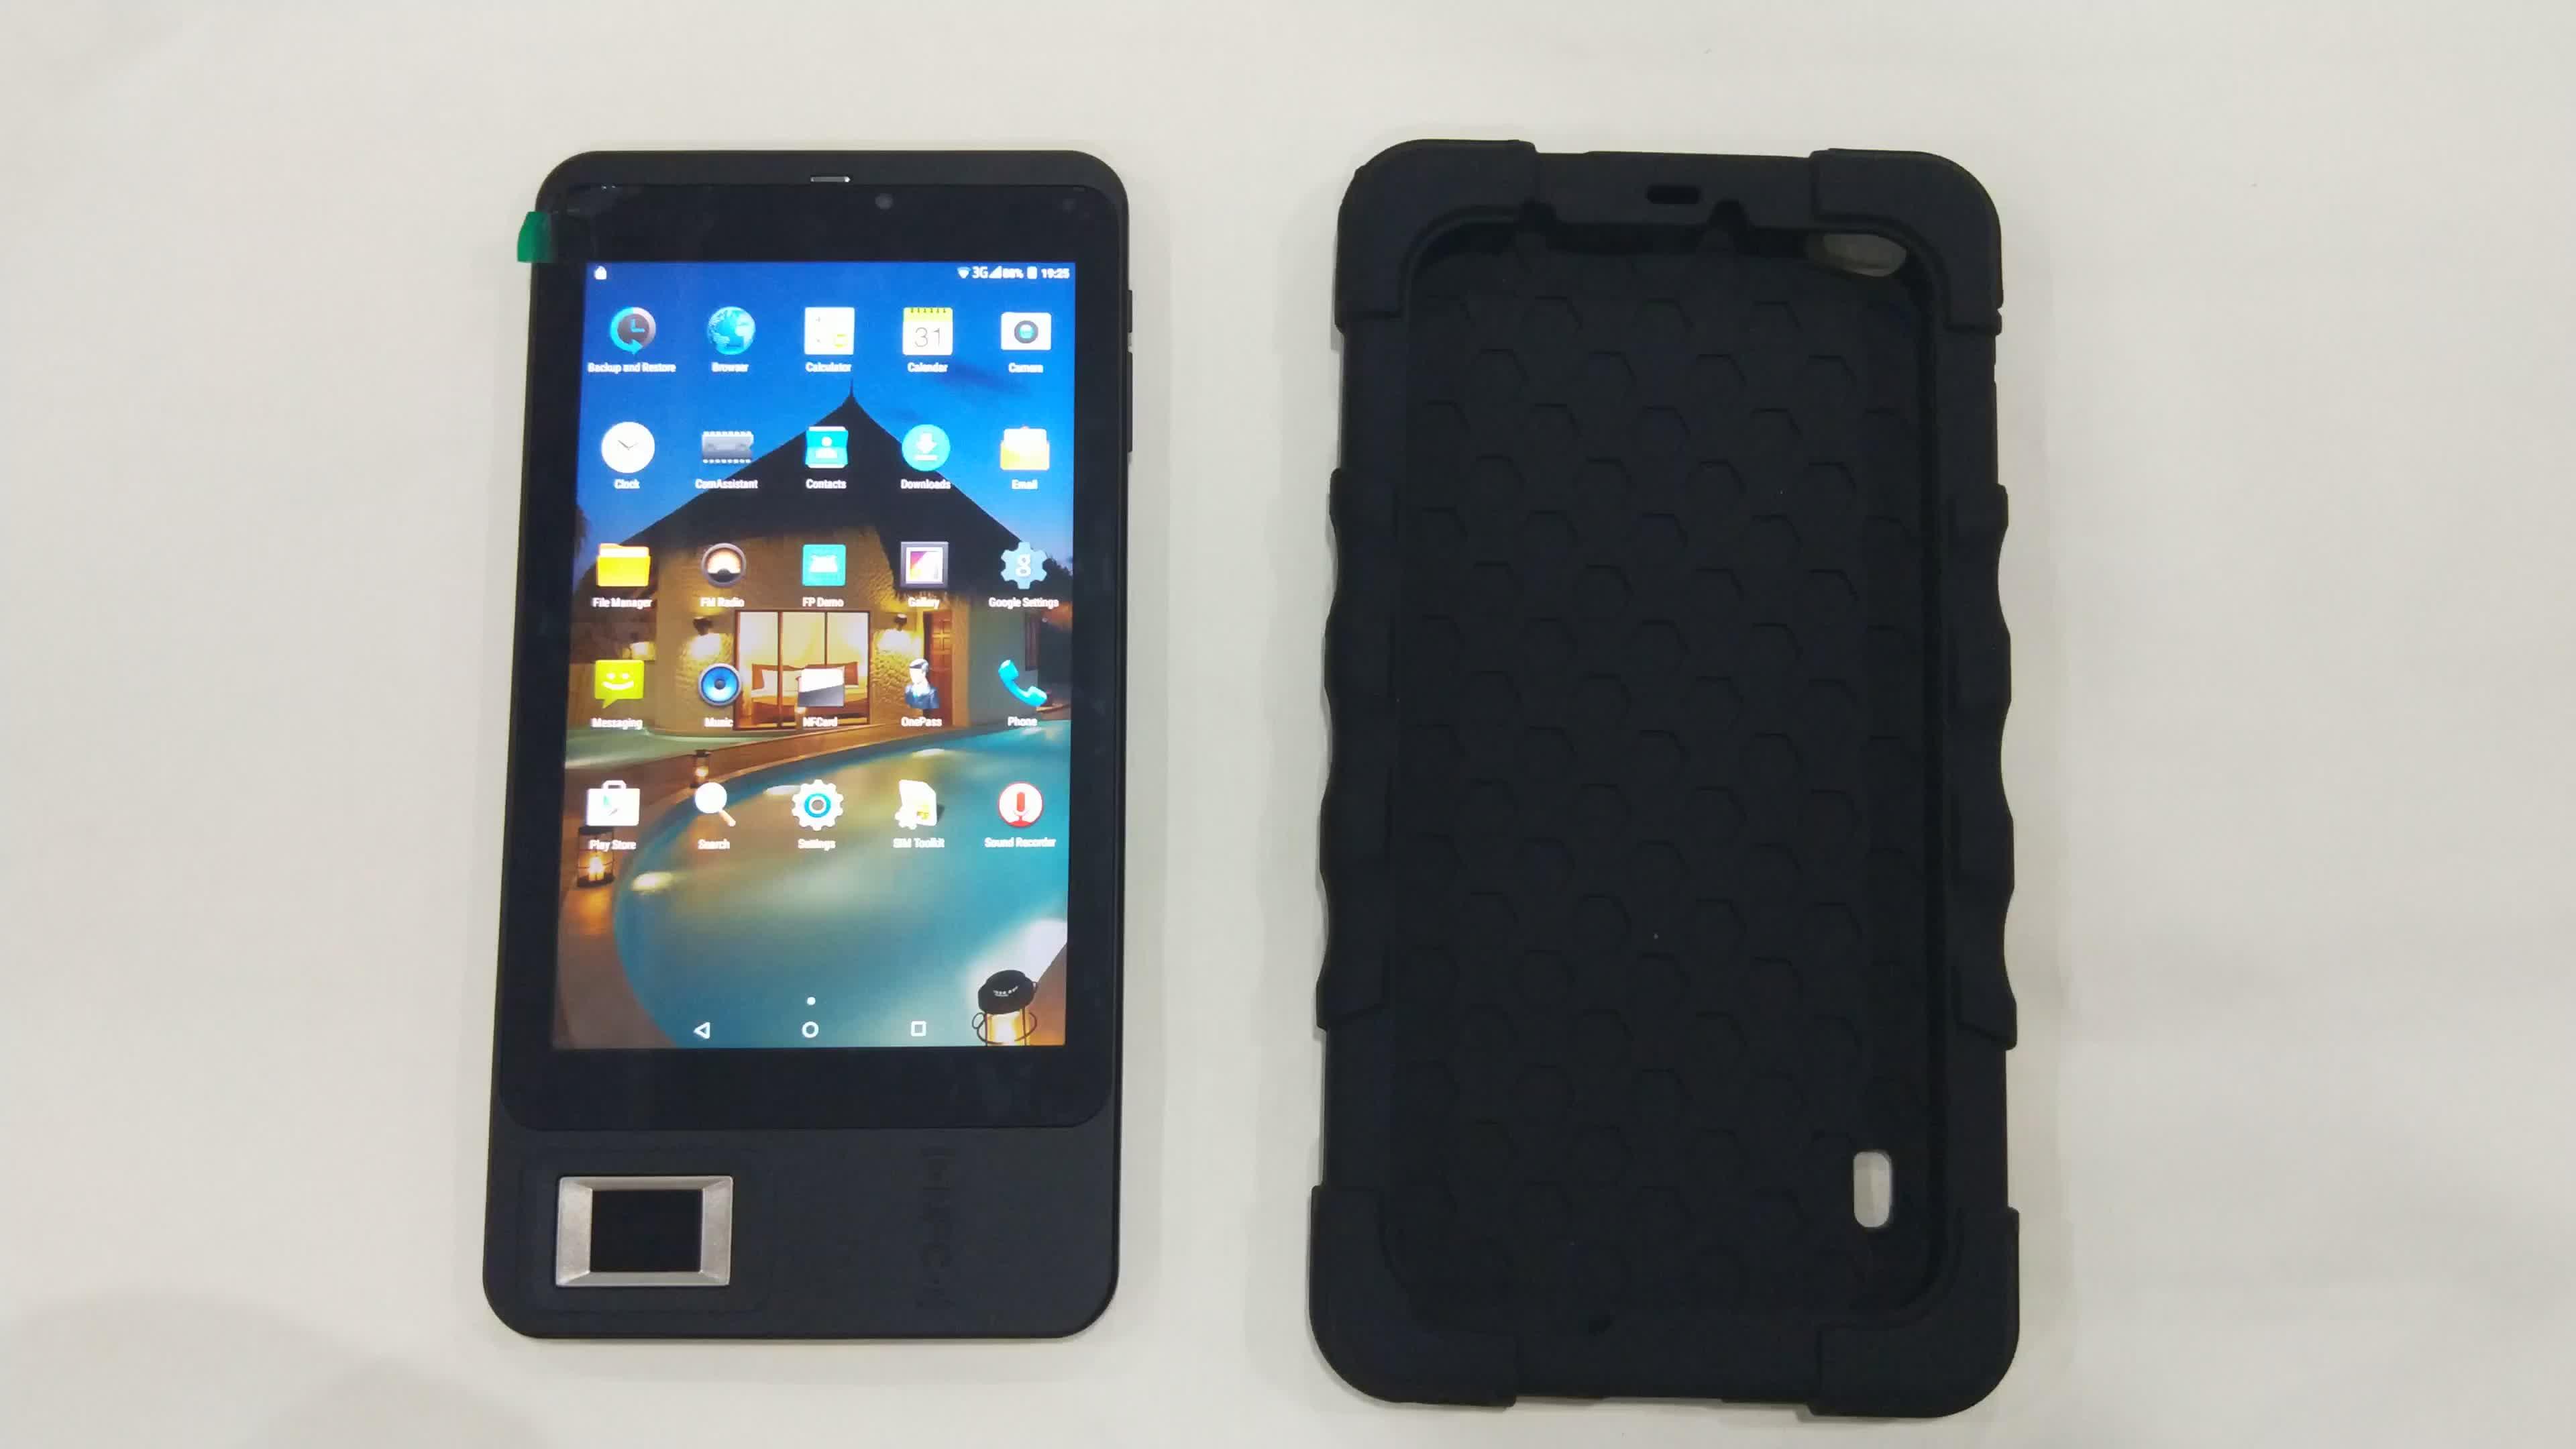 HF FP07 del FBI Certificado de Android de huellas dactilares de biométrico lector de tarjeta inteligente con Wifi 3G GPS Bluetooth SMS